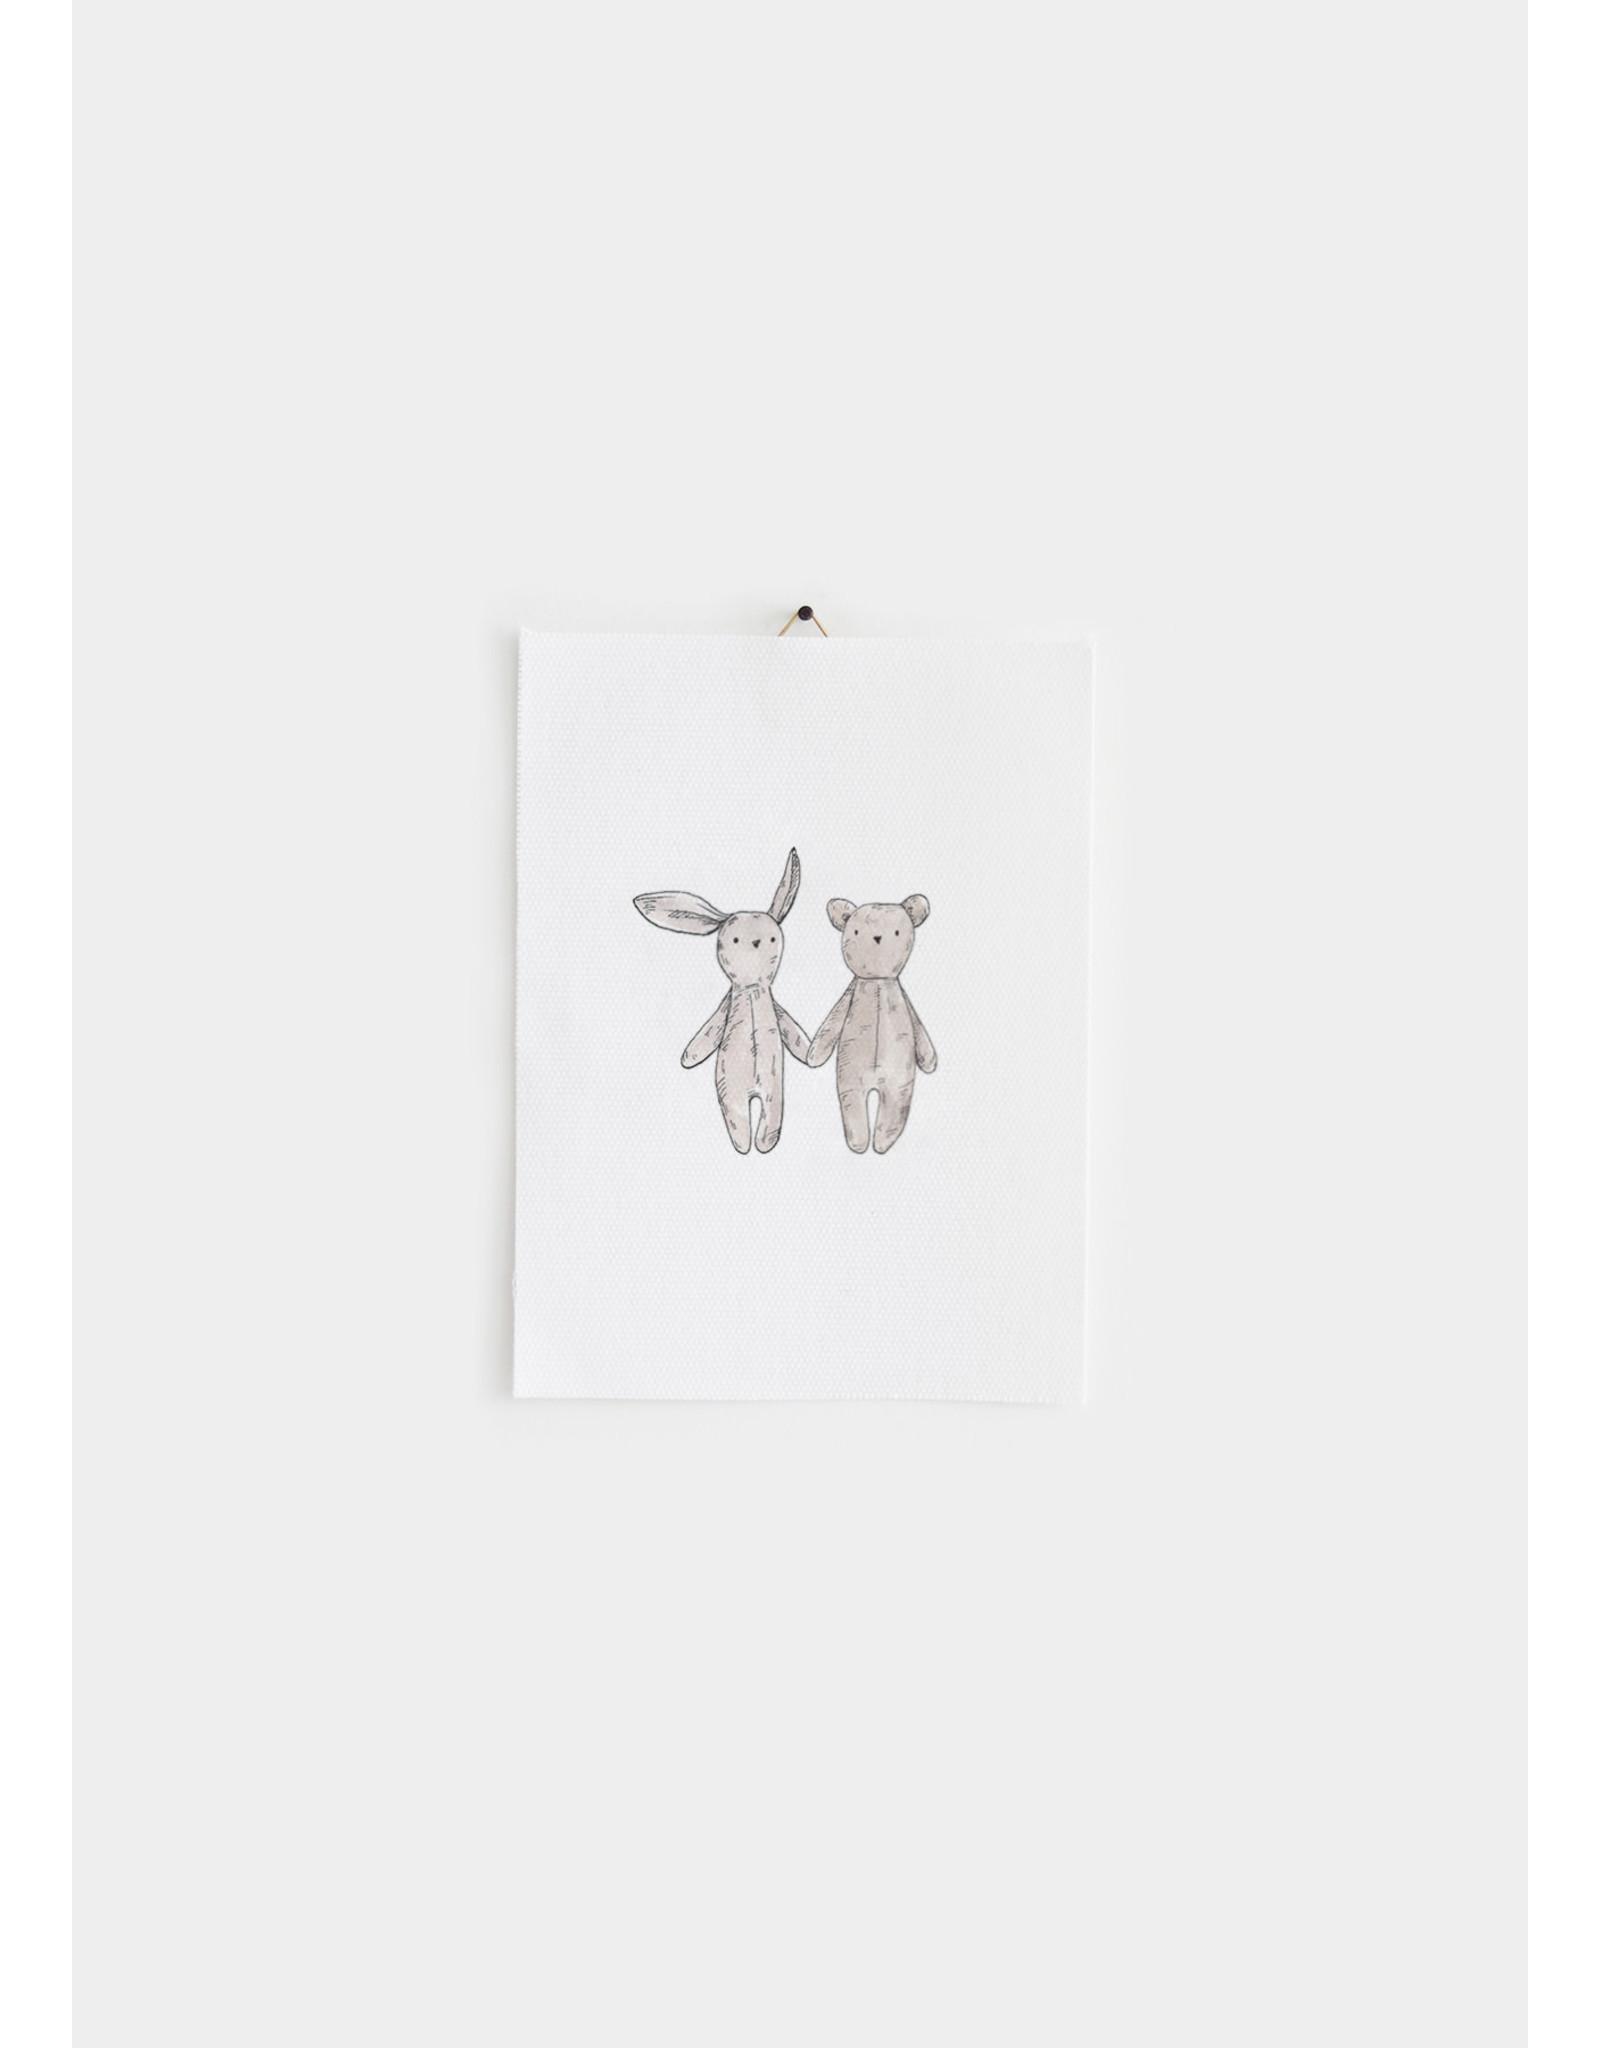 Inkylines Katoenen poster - knuffels